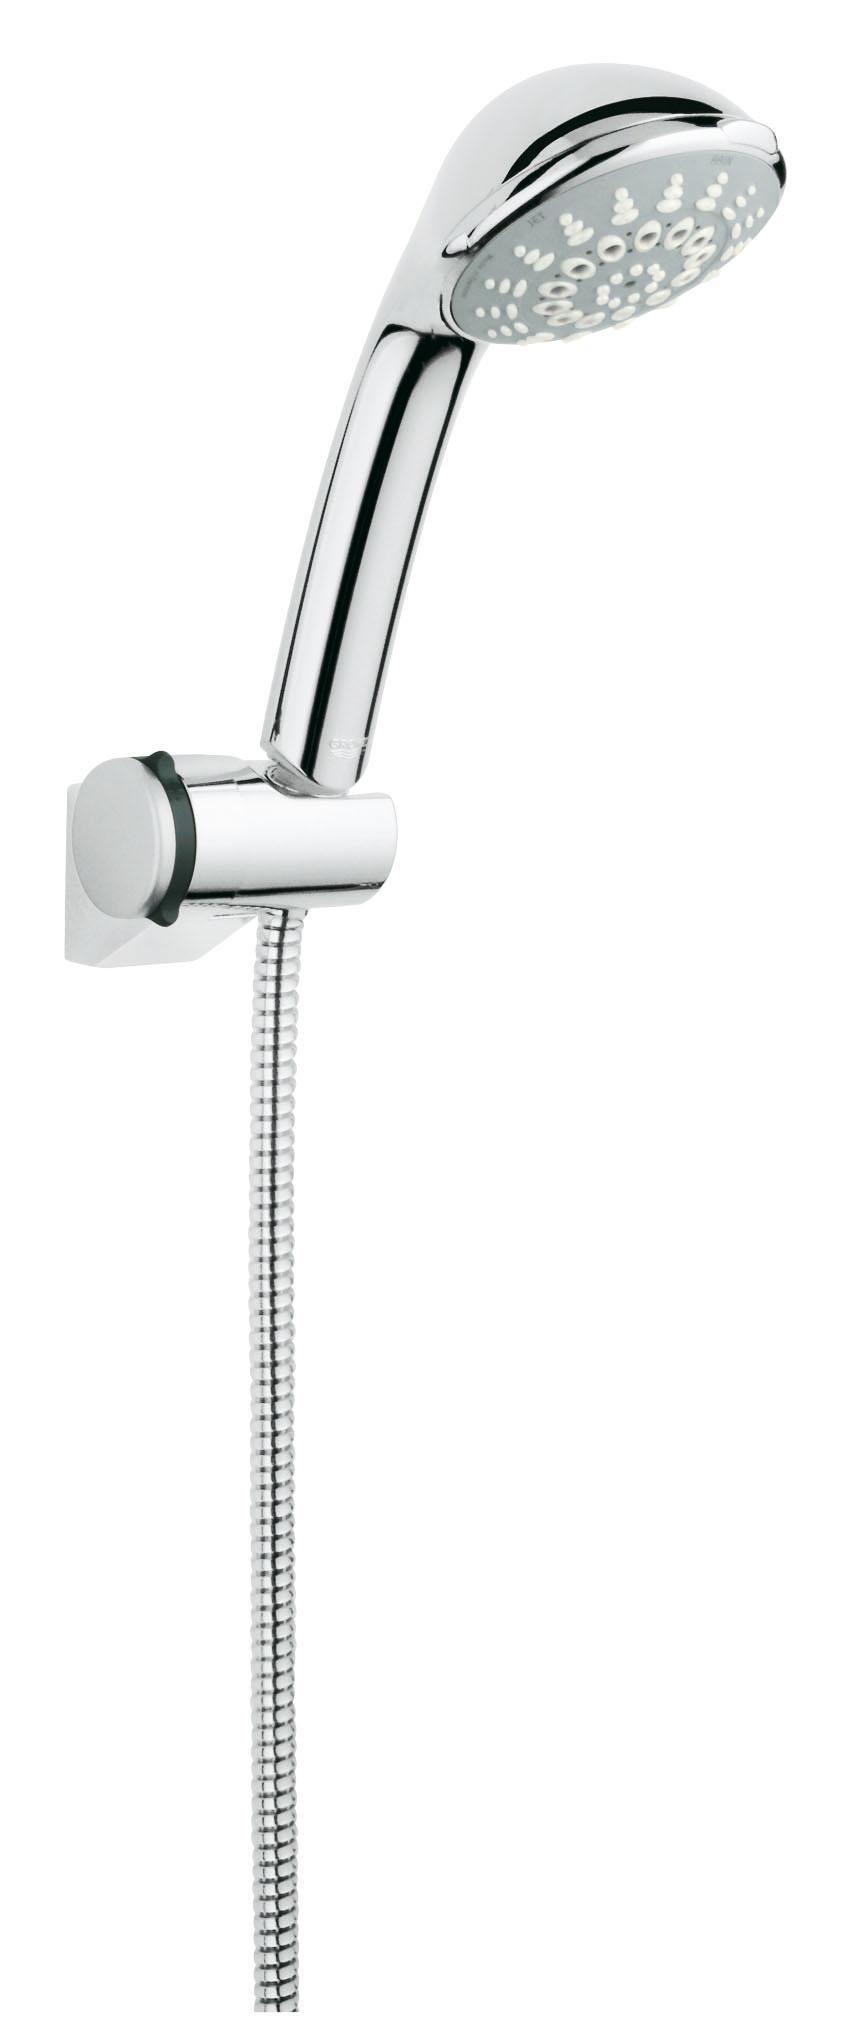 Душевой комплект GROHE Relexa (28843000)28843000Включает в себя: Настенный держатель душа (28 623) Ручной душ Relexa 100 Champagne (28 794) Душевой шланг, 1.750 мм (28 410 000) Twistfree против перекручивания шланга GROHE DreamSpray превосходный поток воды С системой SpeedClean против известковых отложений Внутренний охлаждающий канал для продолжительного срока службы GROHE StarLight хромированная поверхность Видео по установке является исключительно информационным. Установка должна проводиться профессионалами!